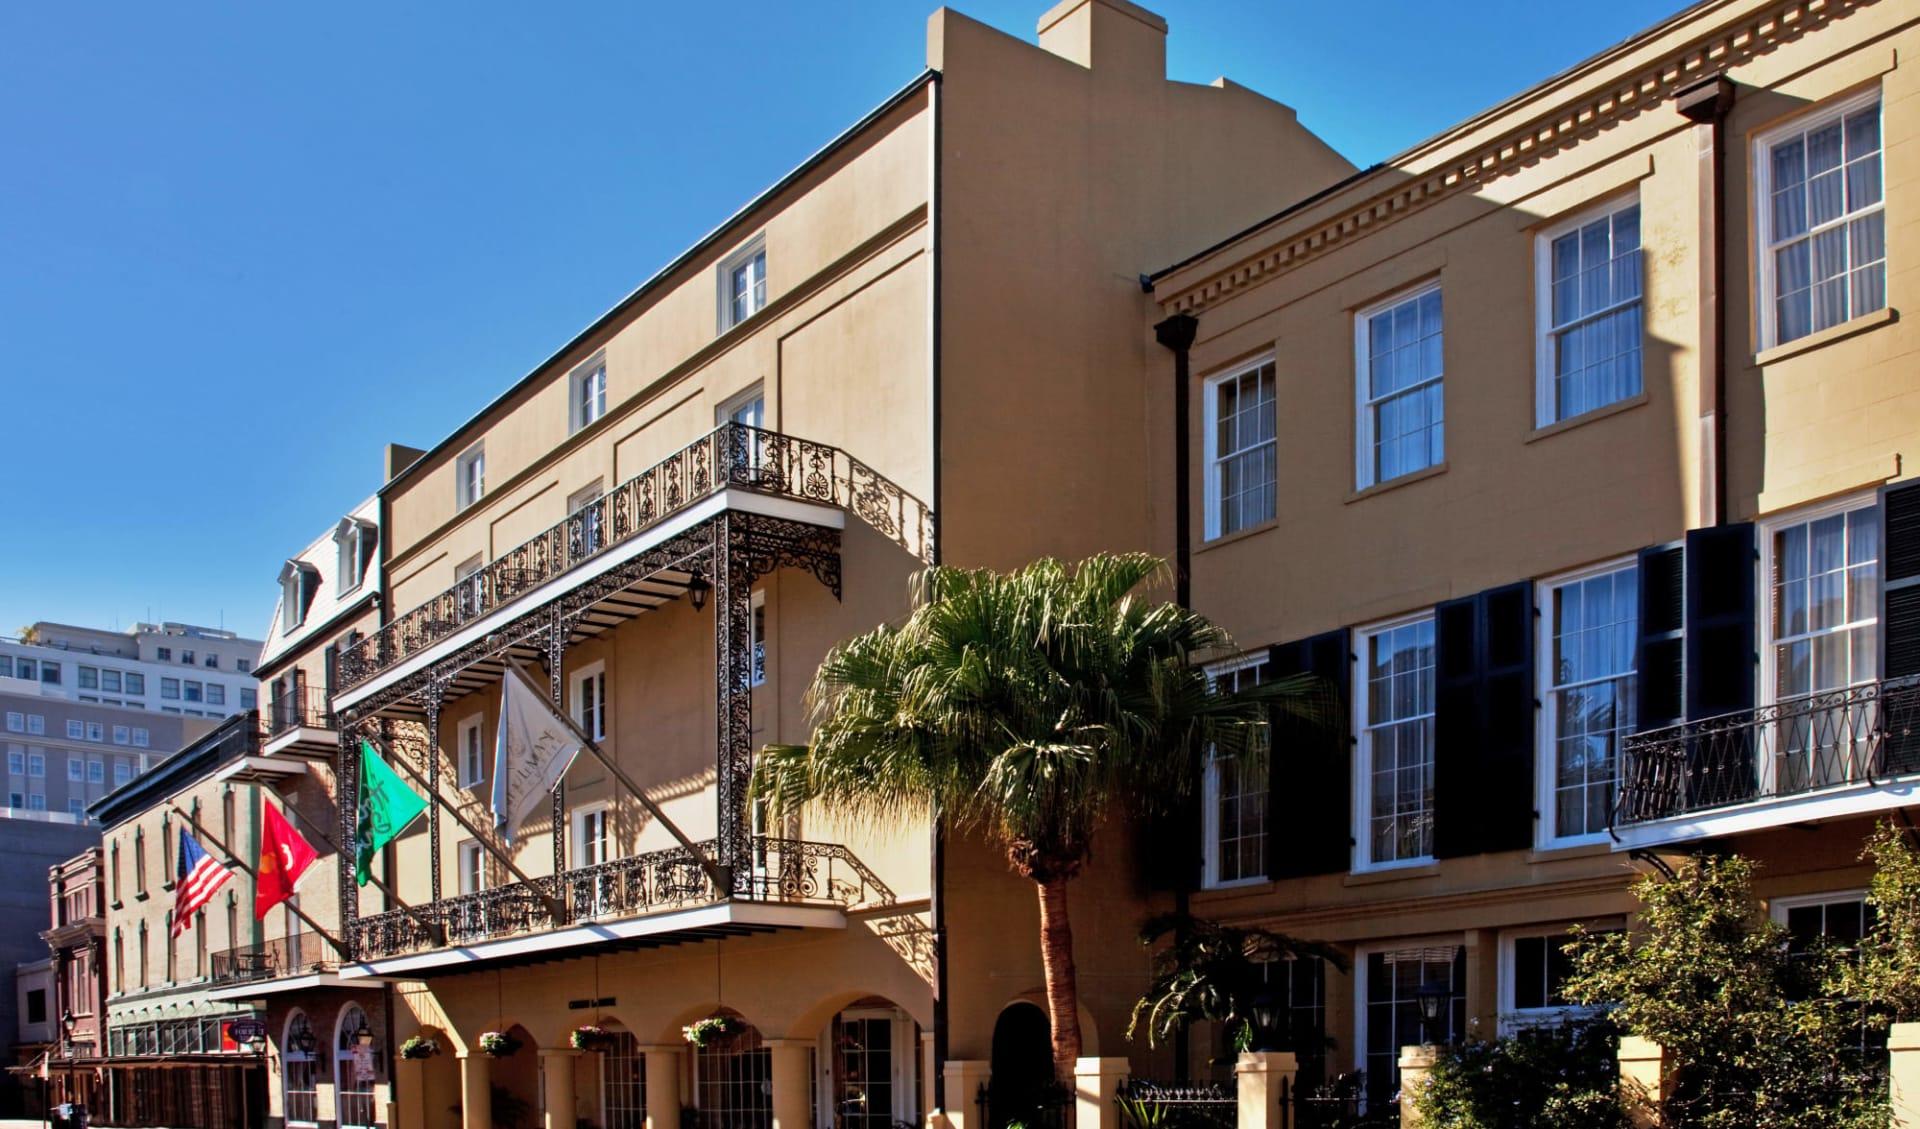 Chateau LeMoyne French Quarter A Holiday Inn Hotel in New Orleans:  Holiday Inn Chateau LeMoyne - Aussenansicht